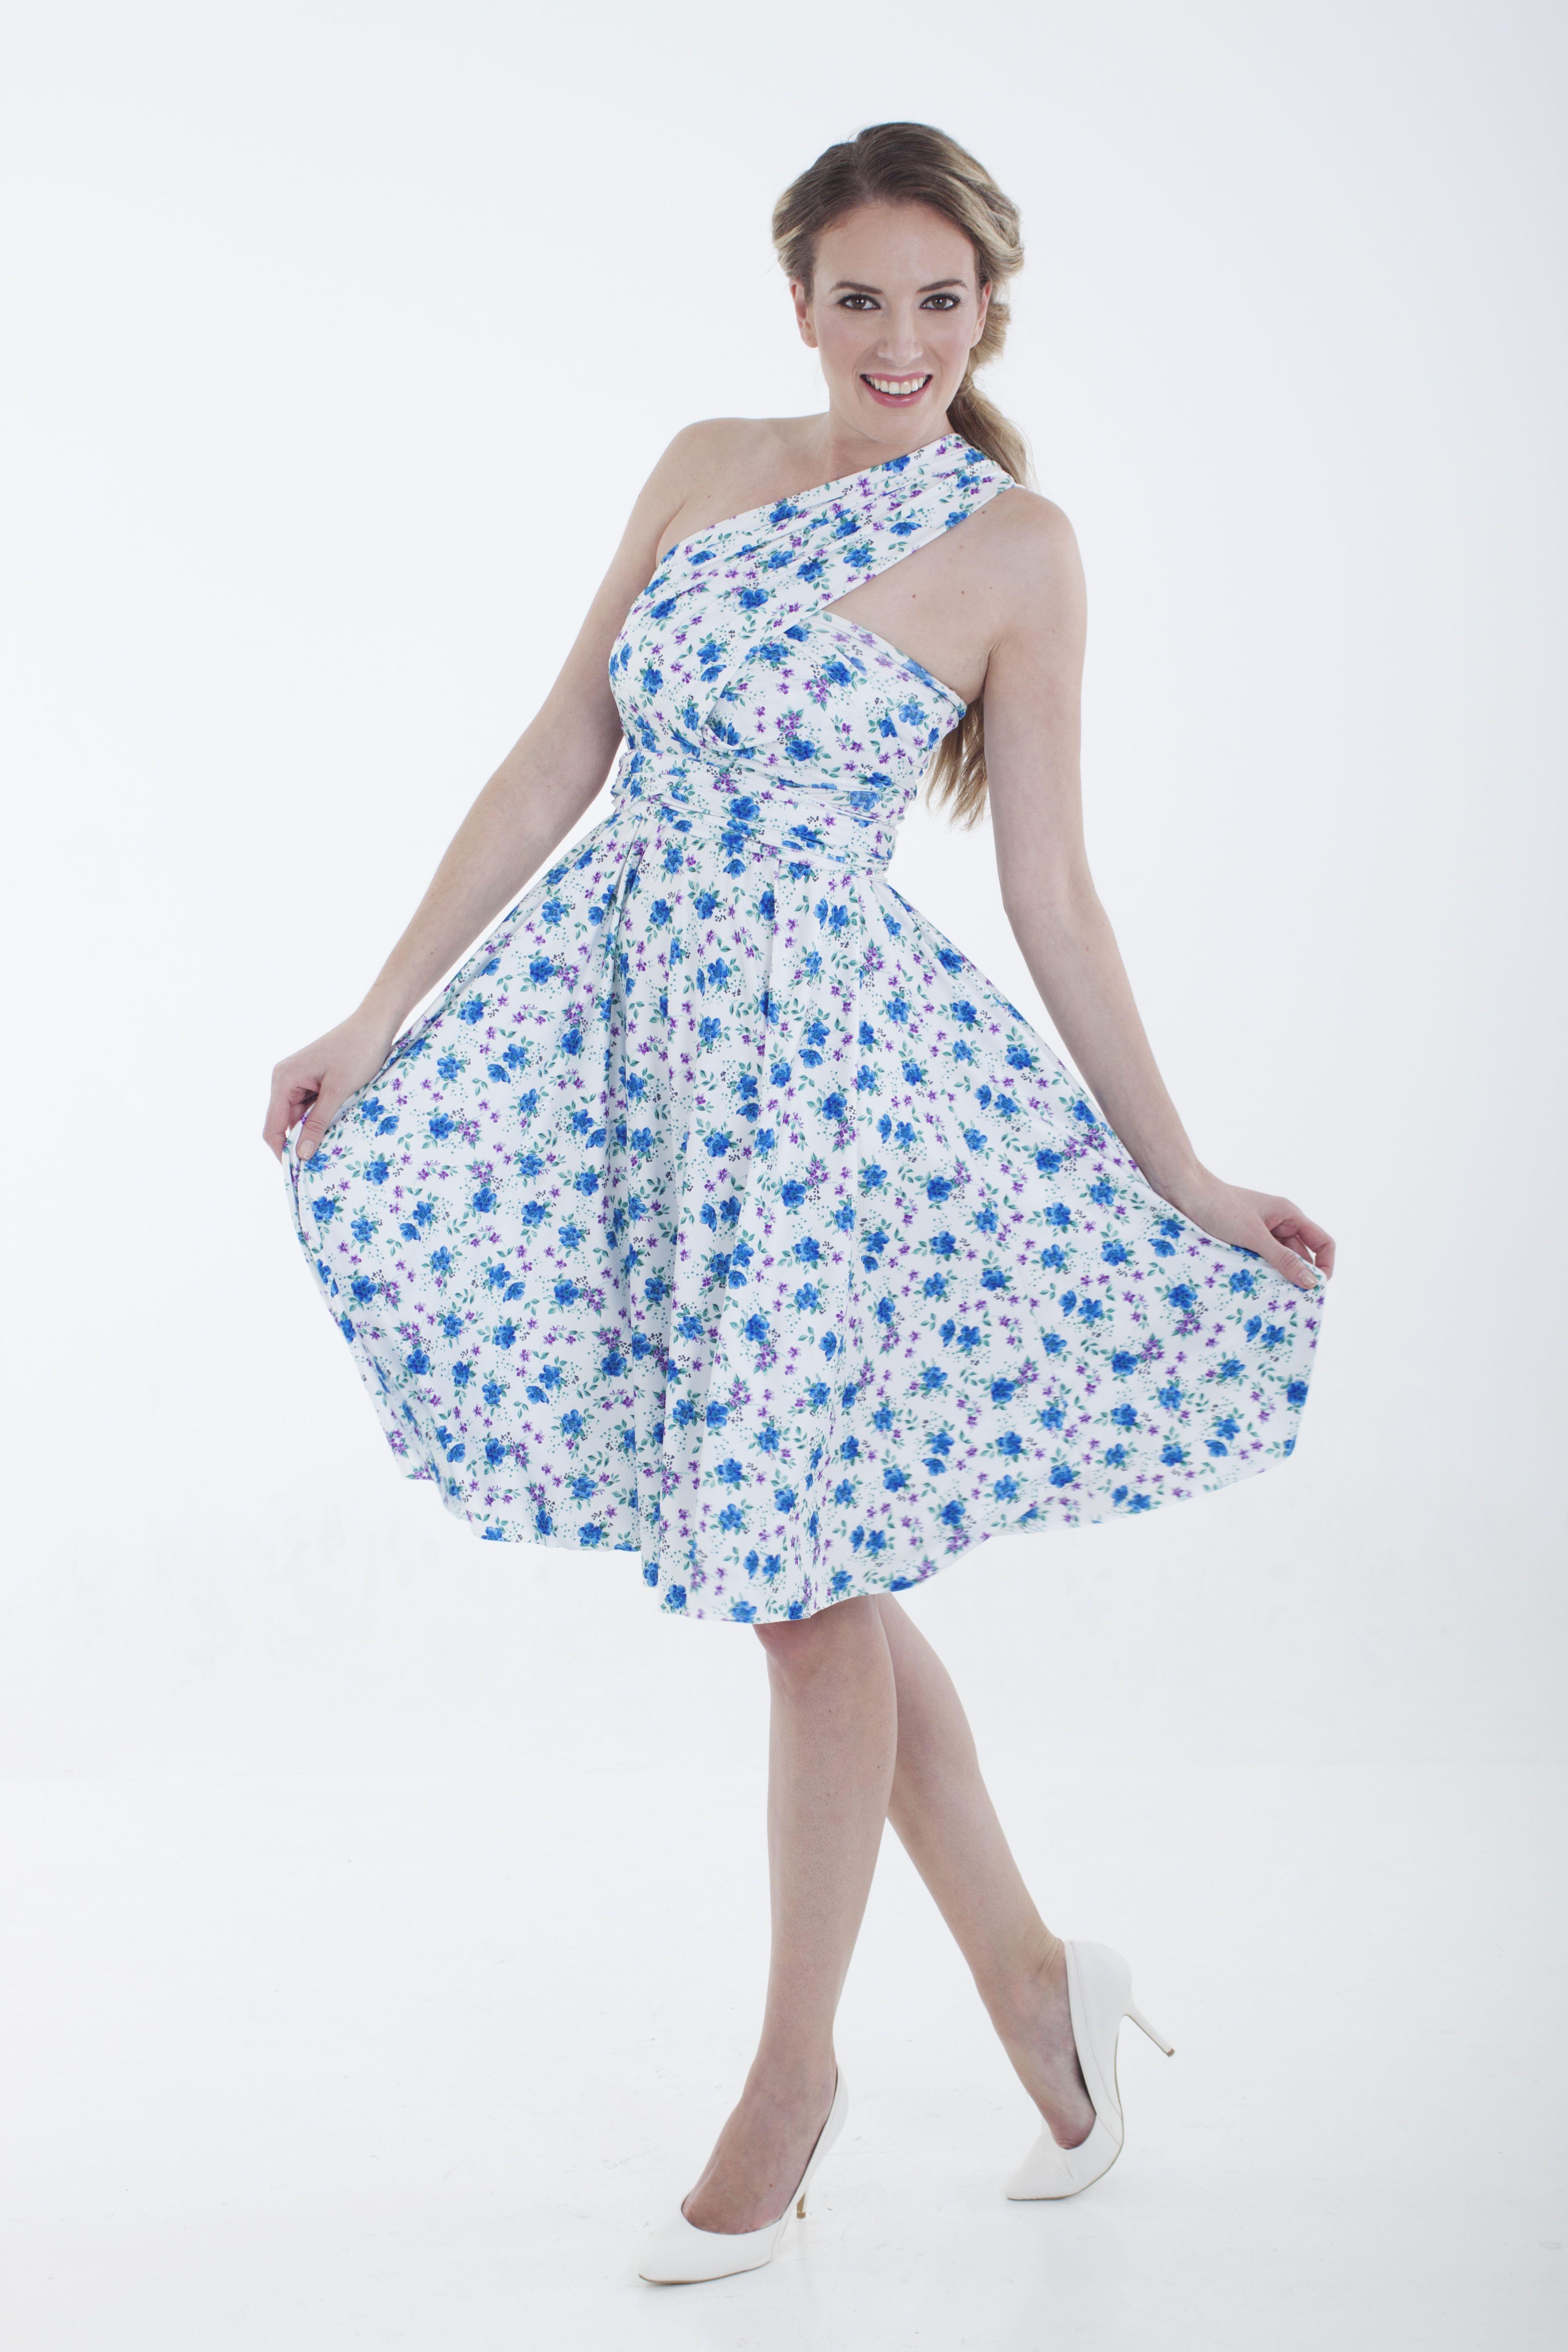 Floral Infinity Dress R599 www.infinity-dress.